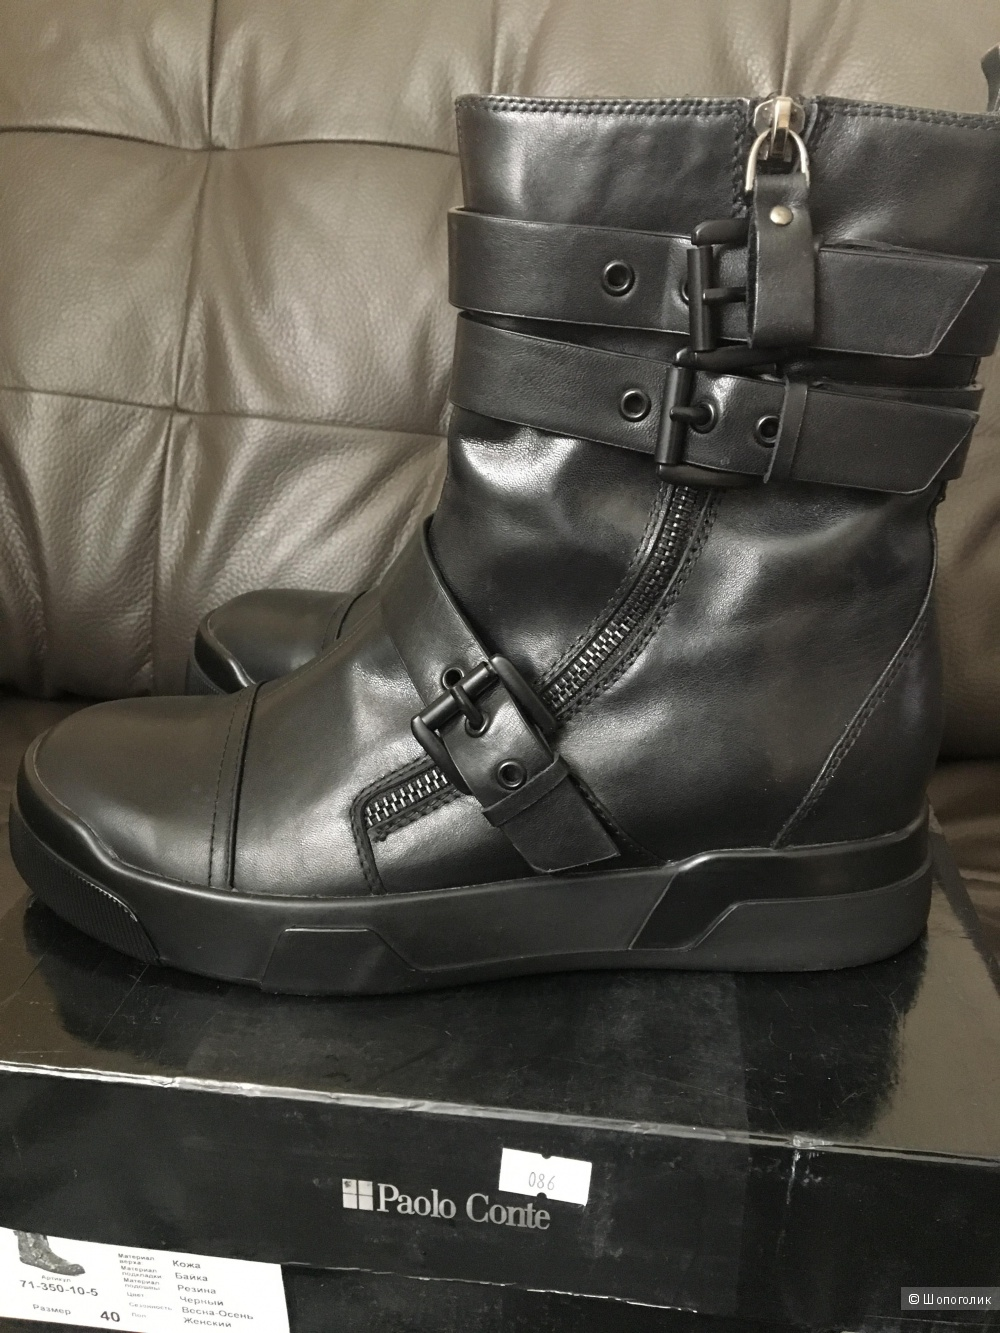 Ботинки Paolo conte размер 40